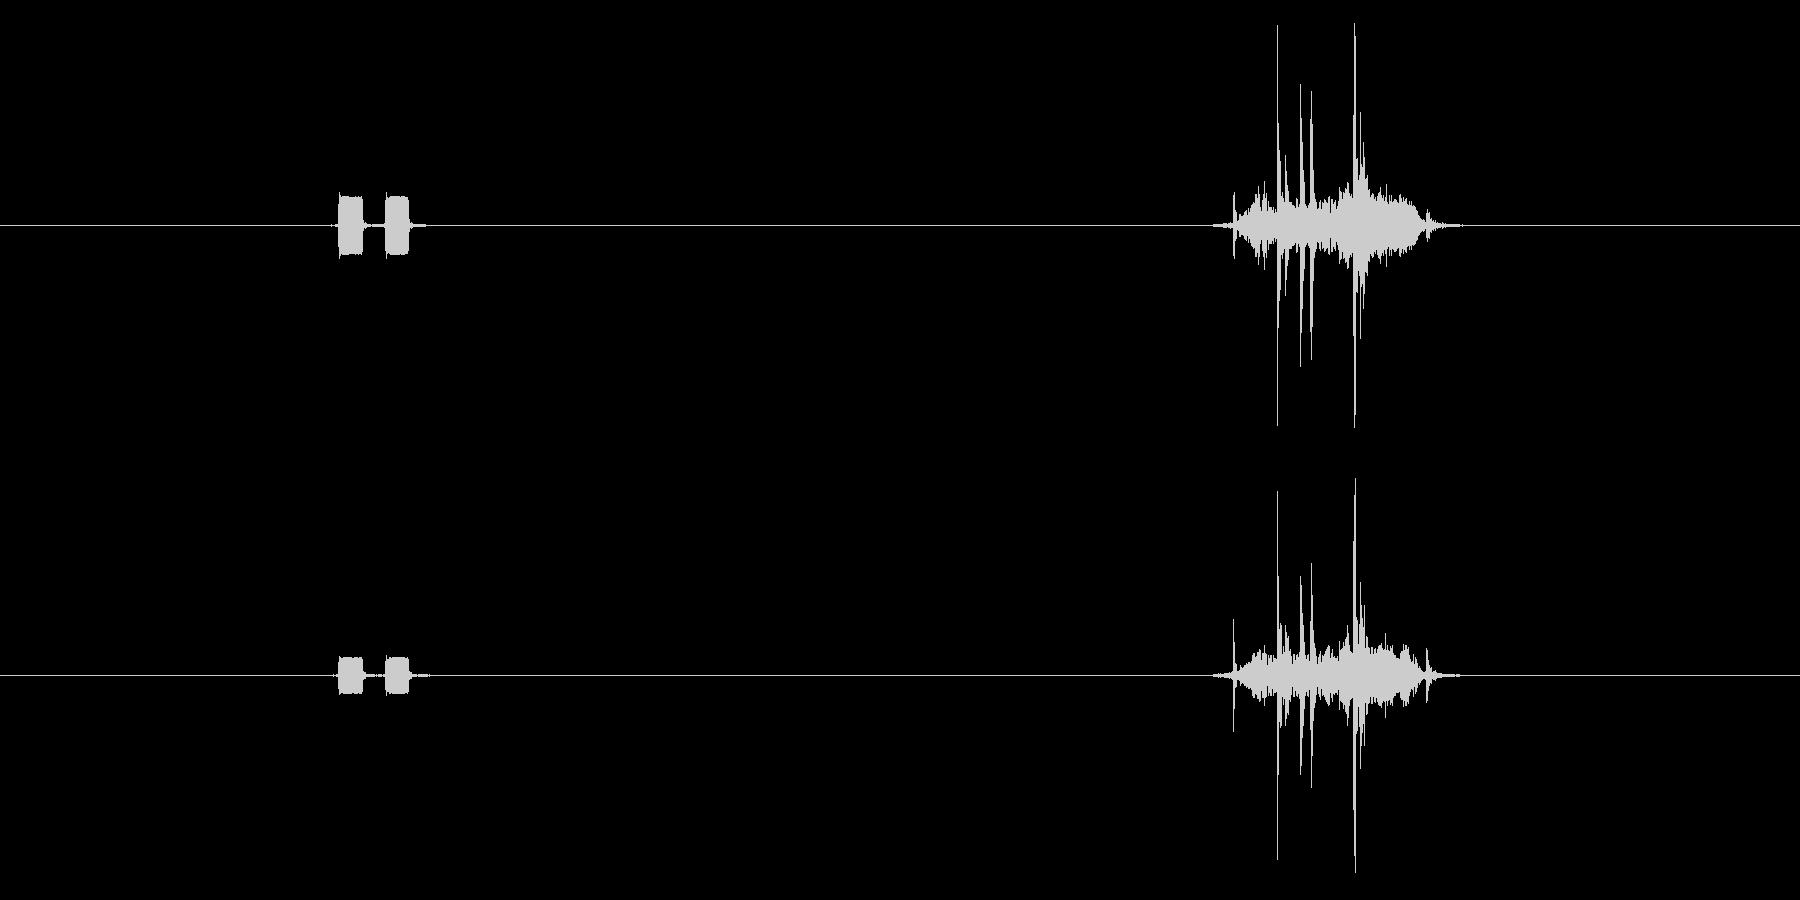 【録音】一眼レフの音  ピピッ カシャッの未再生の波形